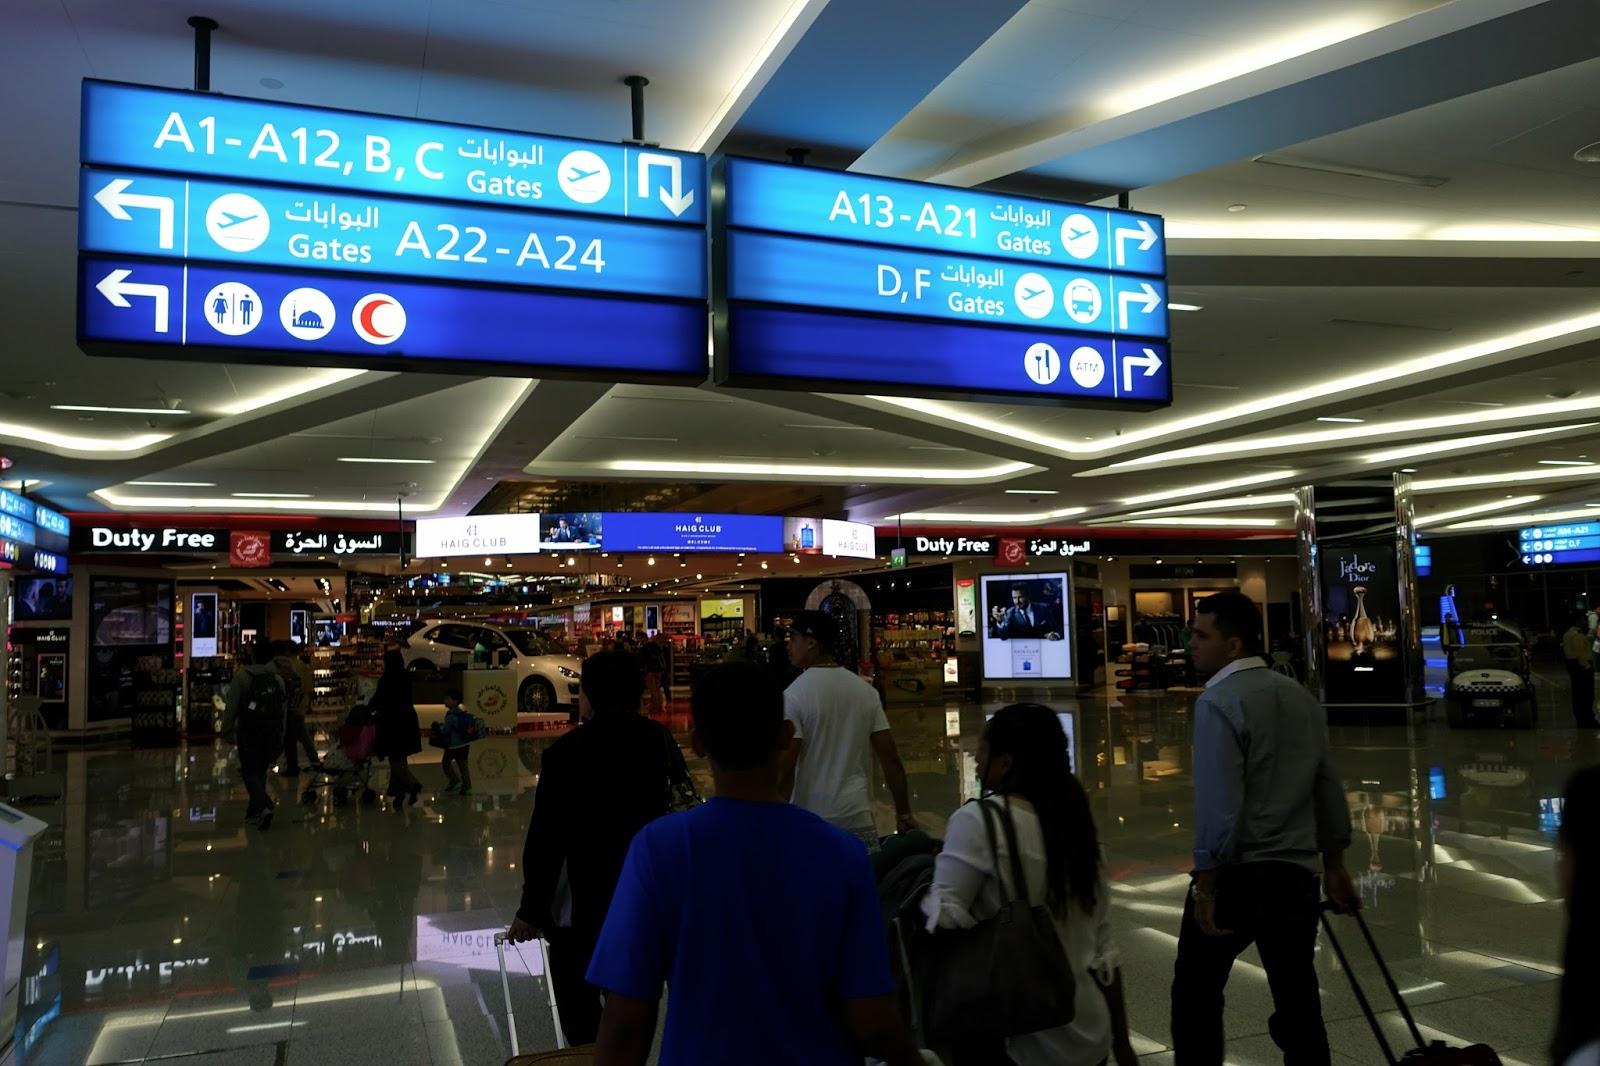 ドバイ国際空港のエミレーツ専用 ターミナル3の空港内の案内表示